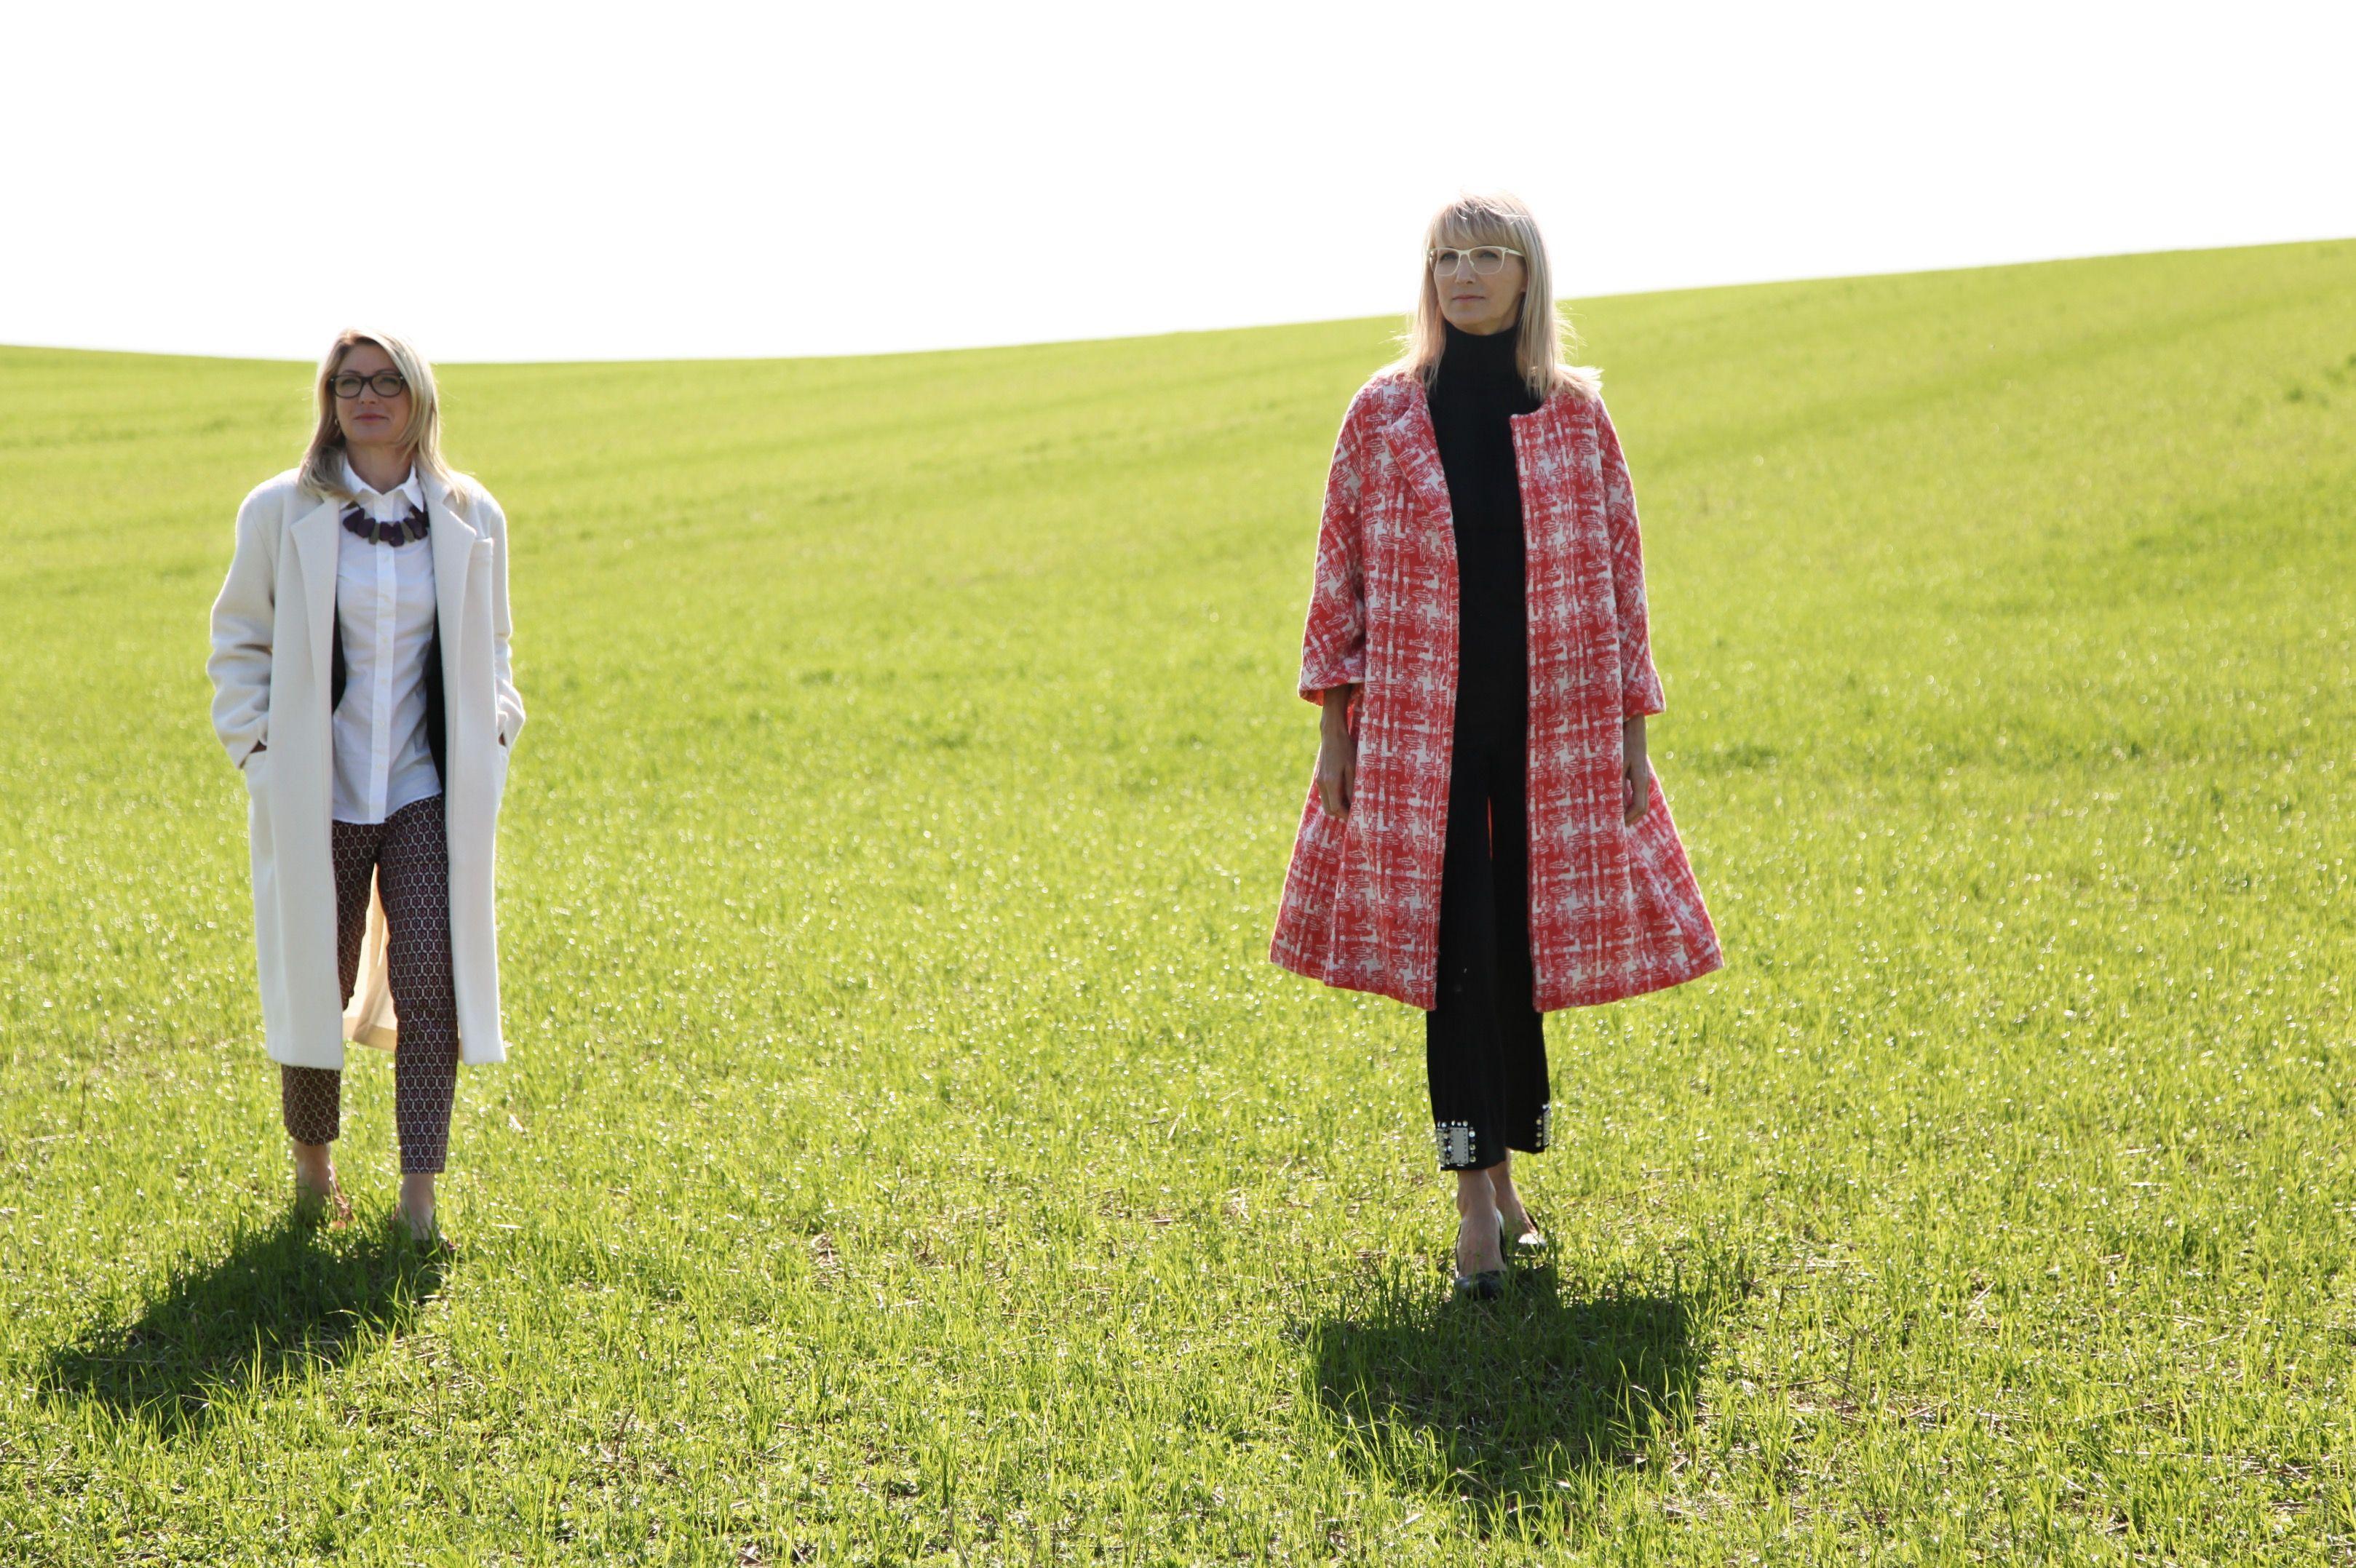 Schnittmuster zum Download: weißer Mantel und Mantel mit Karo-Muster ...